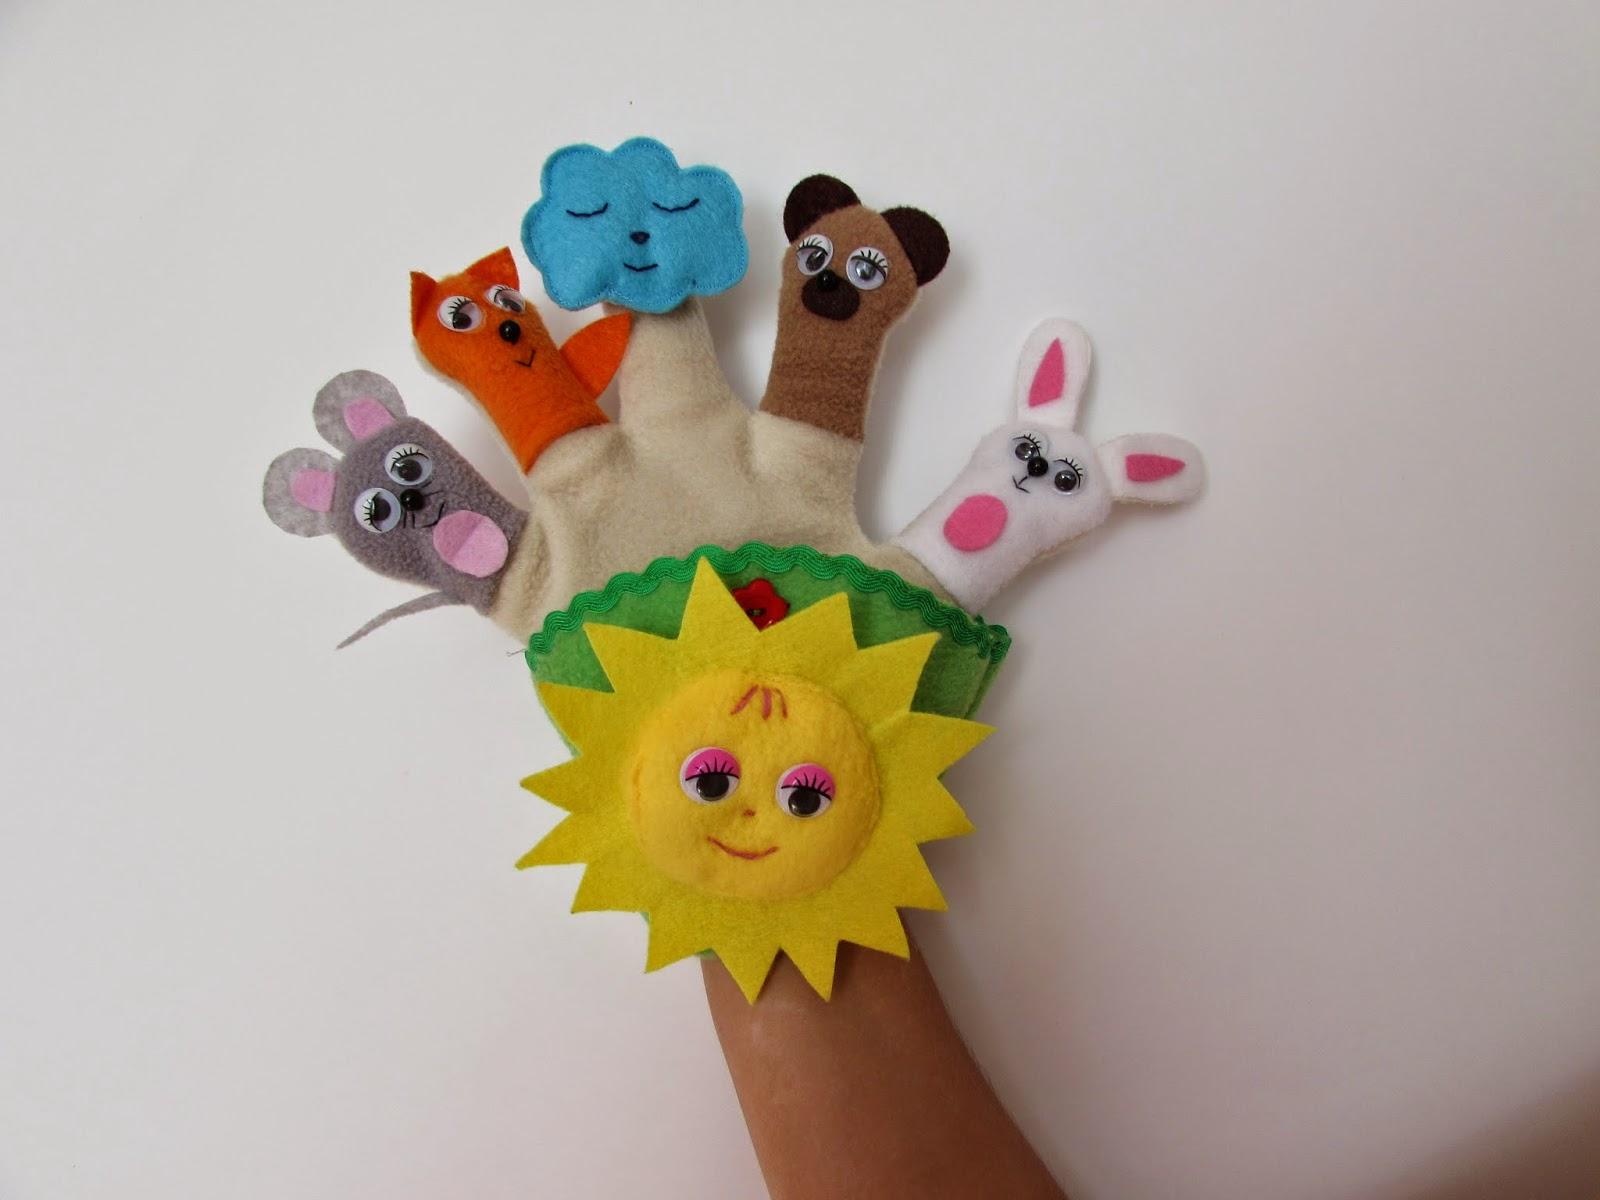 реквизит для праздников, праздники в Смоленске, ведущая Татьяна Бодрячок, реквизит для аниматоров, пальчиковый театр, кукольный театр своими руками, мастер-класс реквизит для аниматоров